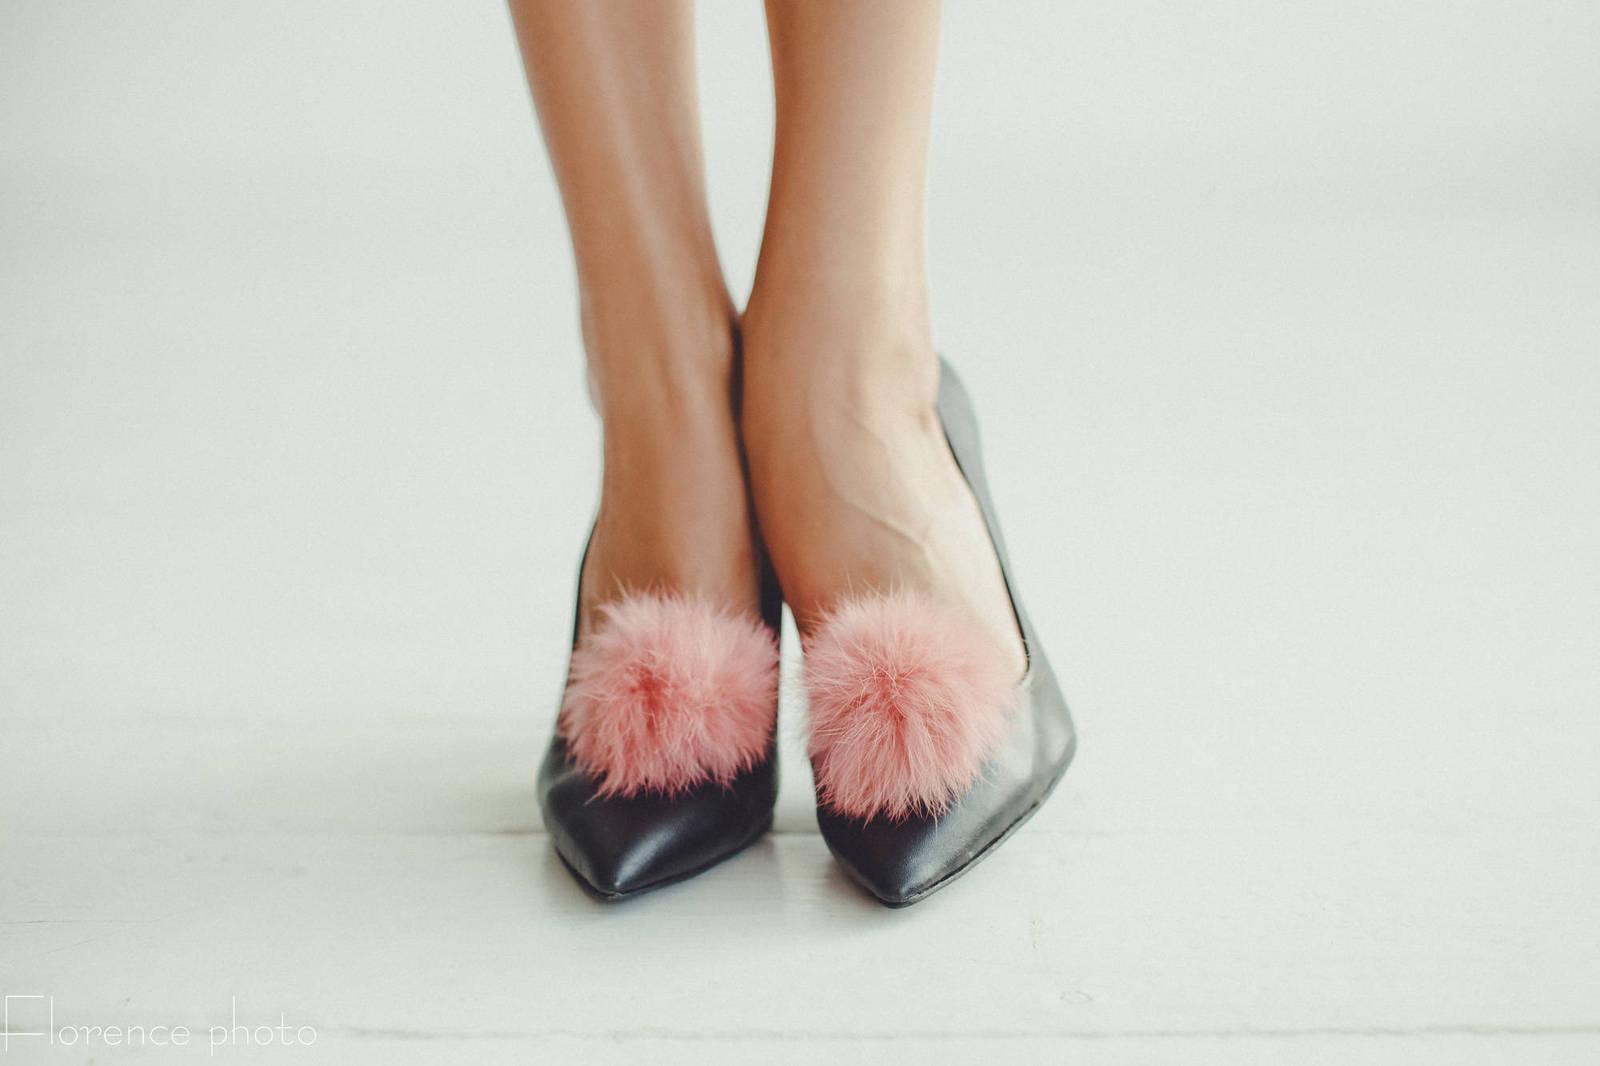 d6a40651b Real Fur Pom Poms For Shoes/Des Boules En Fourrure Pour Les Chaussures  (Clip) - $8.49